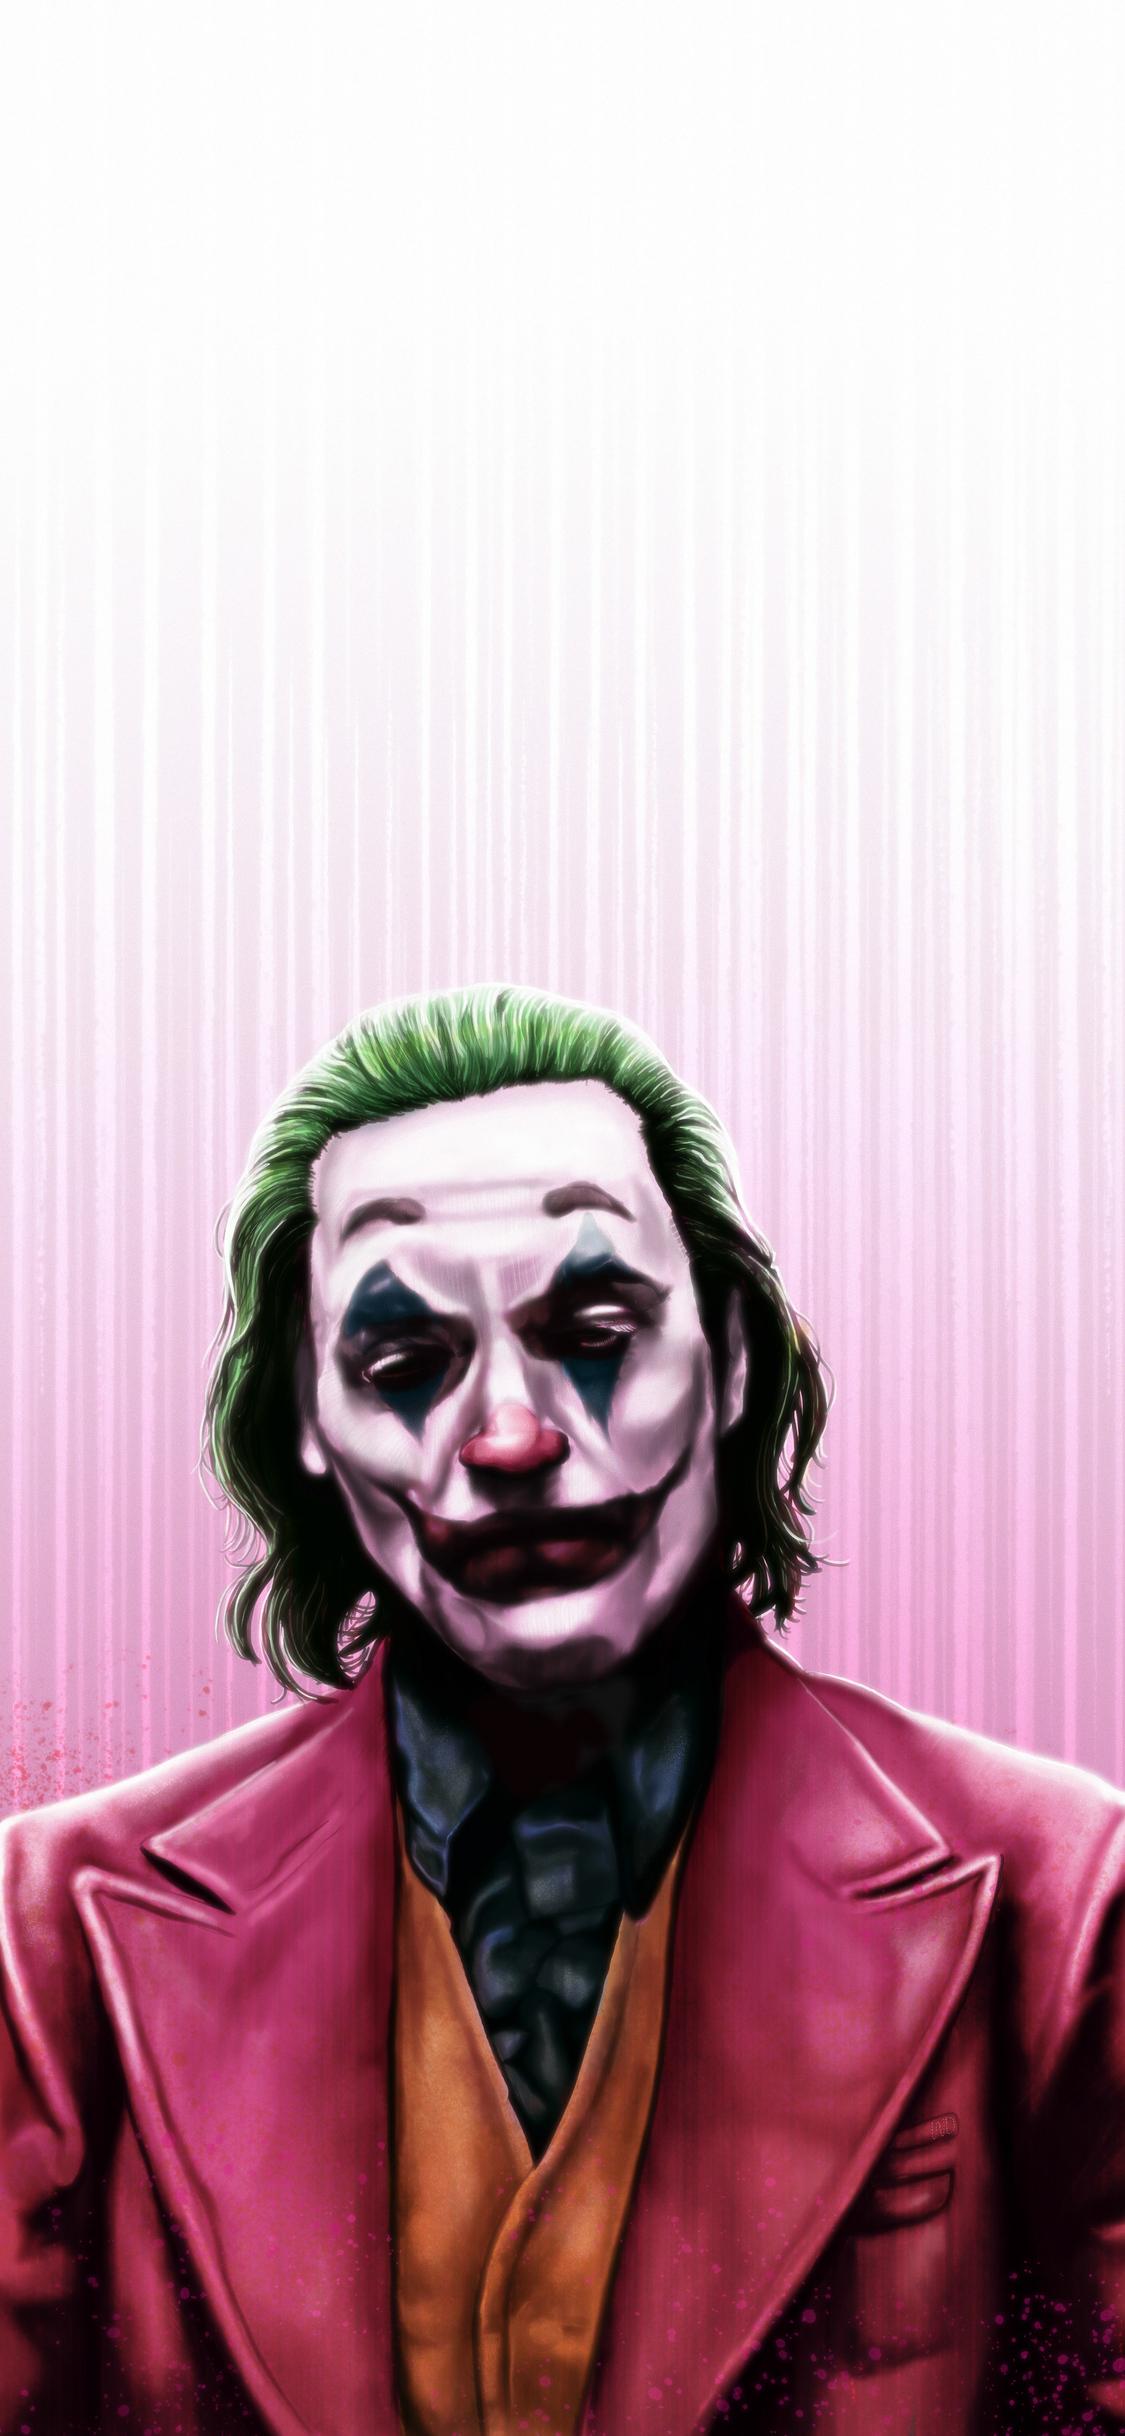 1125x2436 Joker Joaquin Phoenix 4k Art Iphone Xs Iphone 10